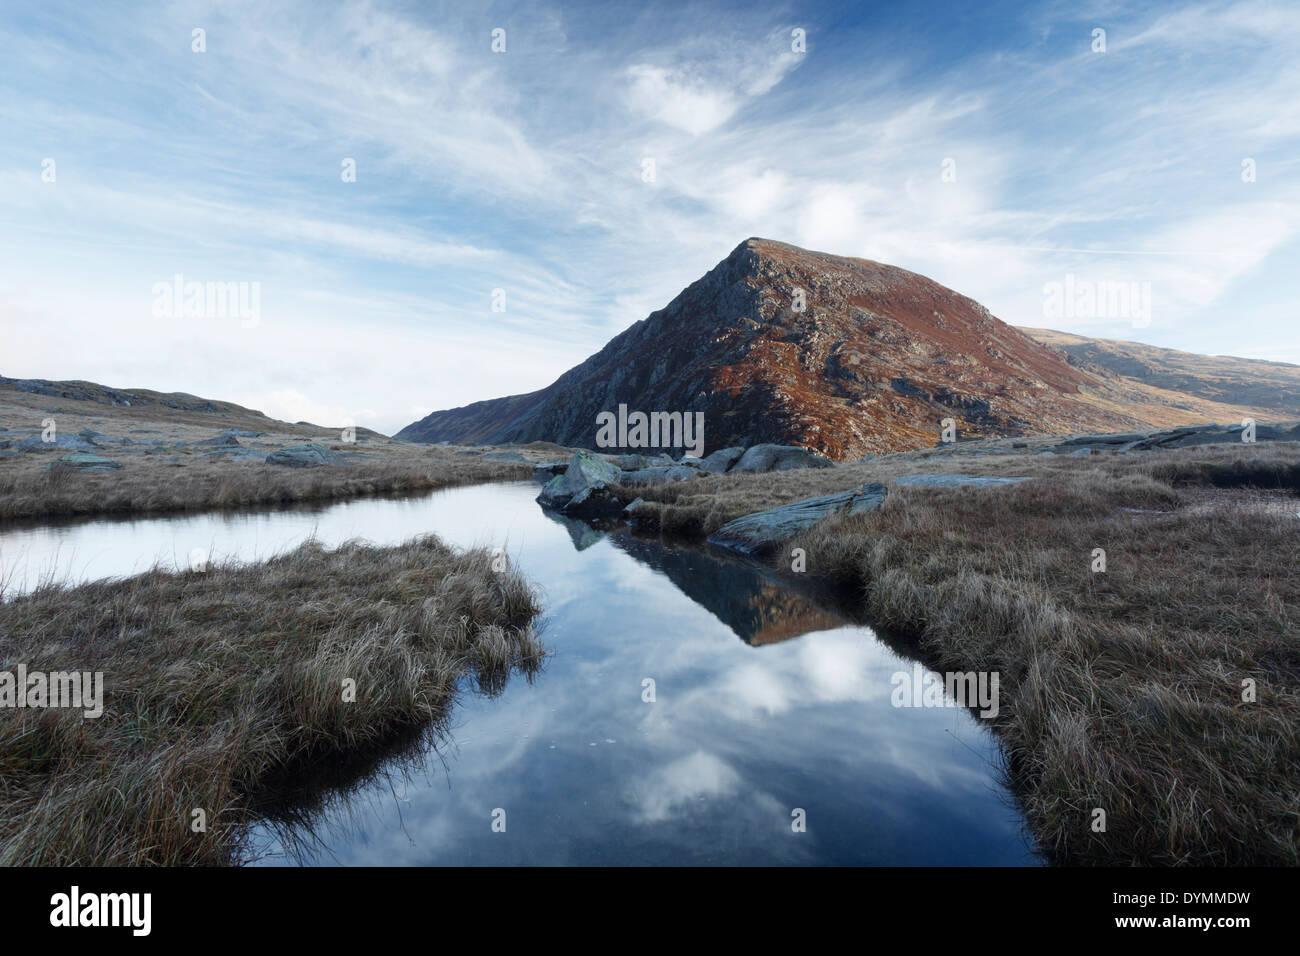 Pen An Wen Ole reflétée dans la rivière Idwal. Le Parc National de Snowdonia. Le Pays de Galles. UK. Photo Stock